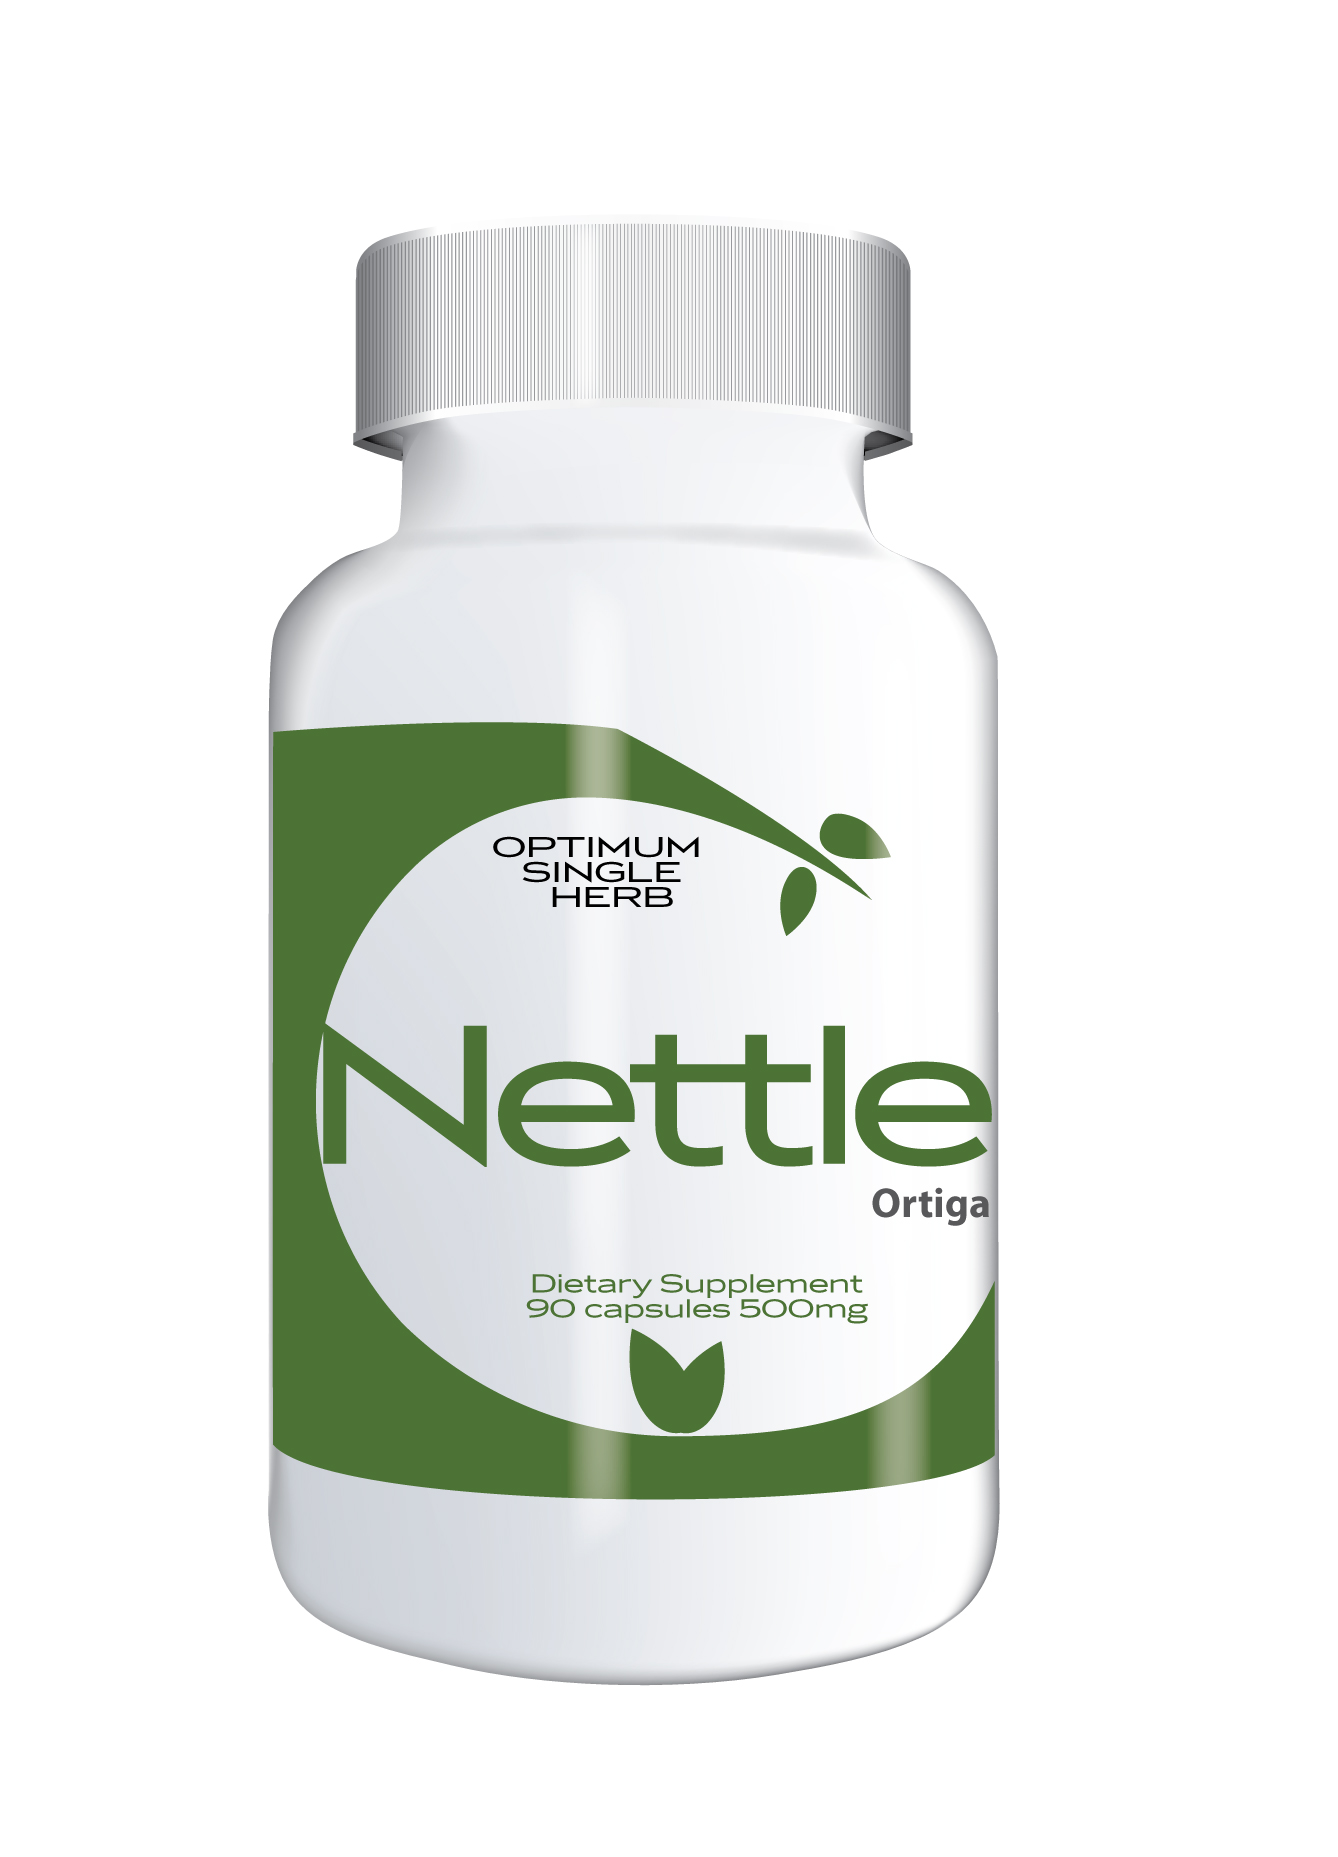 Nettle 90 capsules 500mg